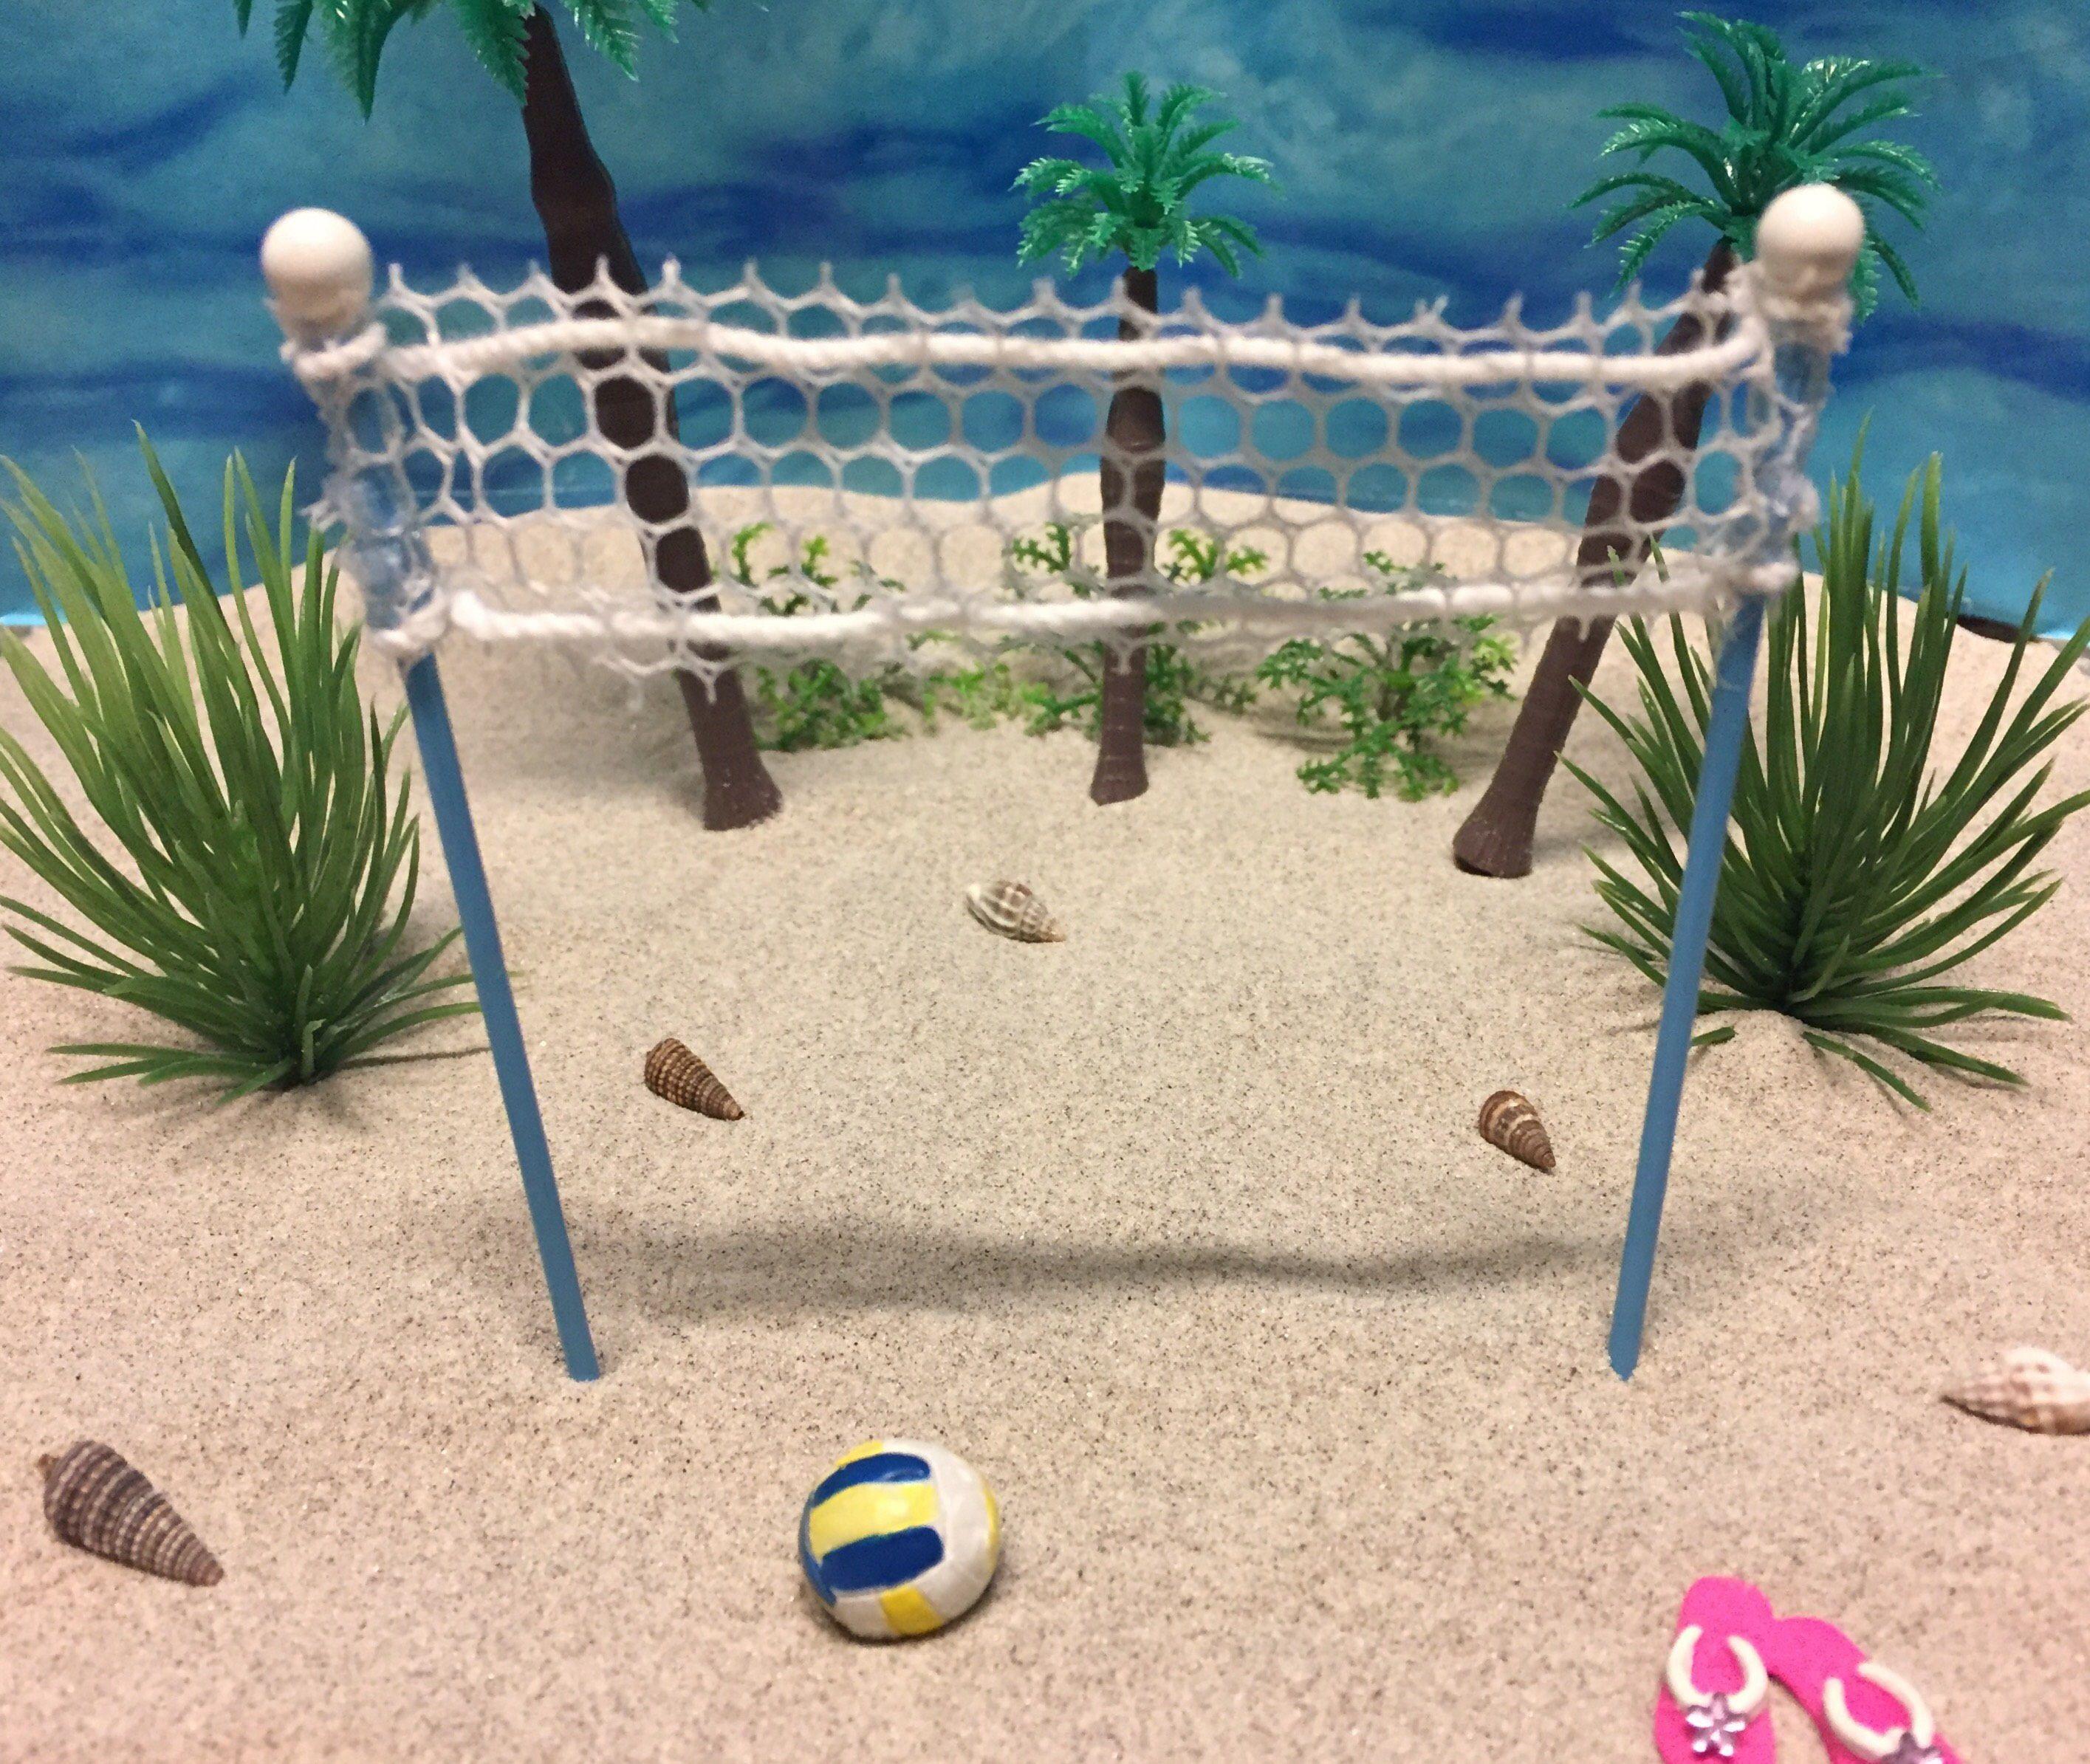 Miniature Volleyball Net Miniature Beach Beach Miniatures Beach